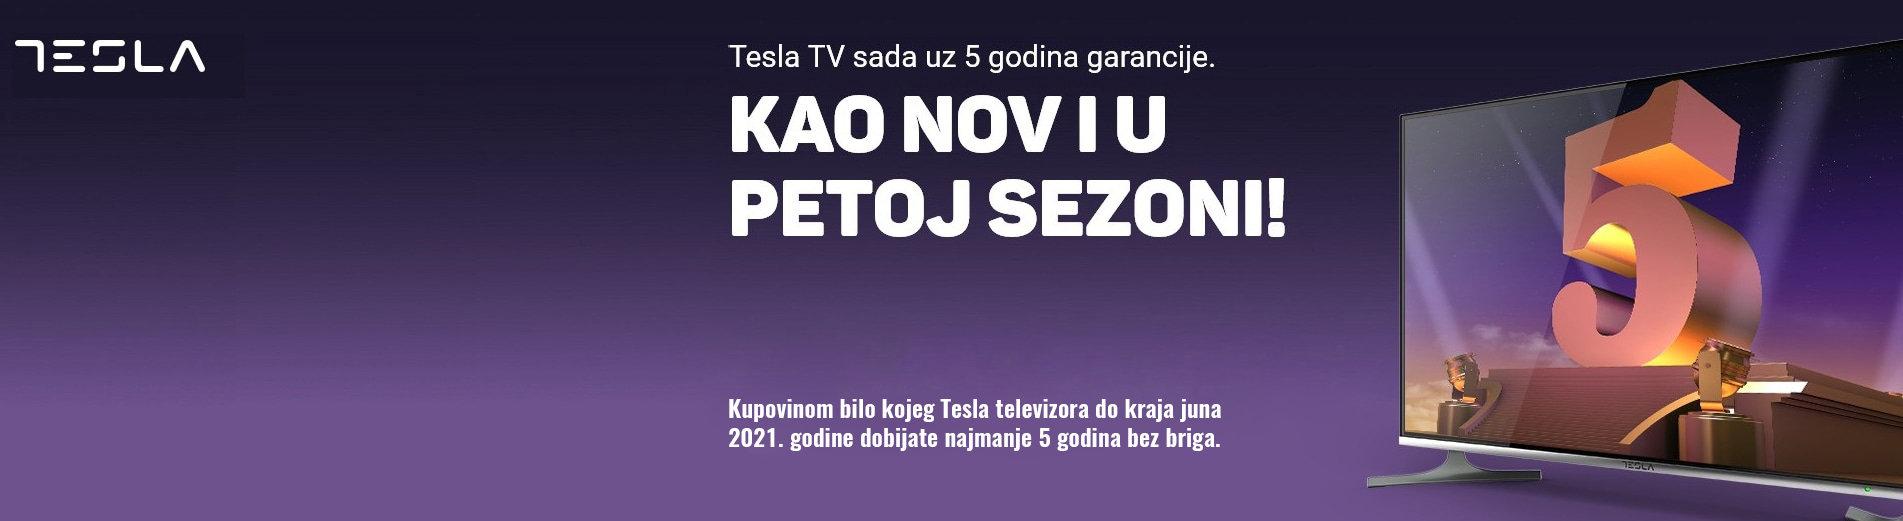 Tesla TV - 5 godina garancije